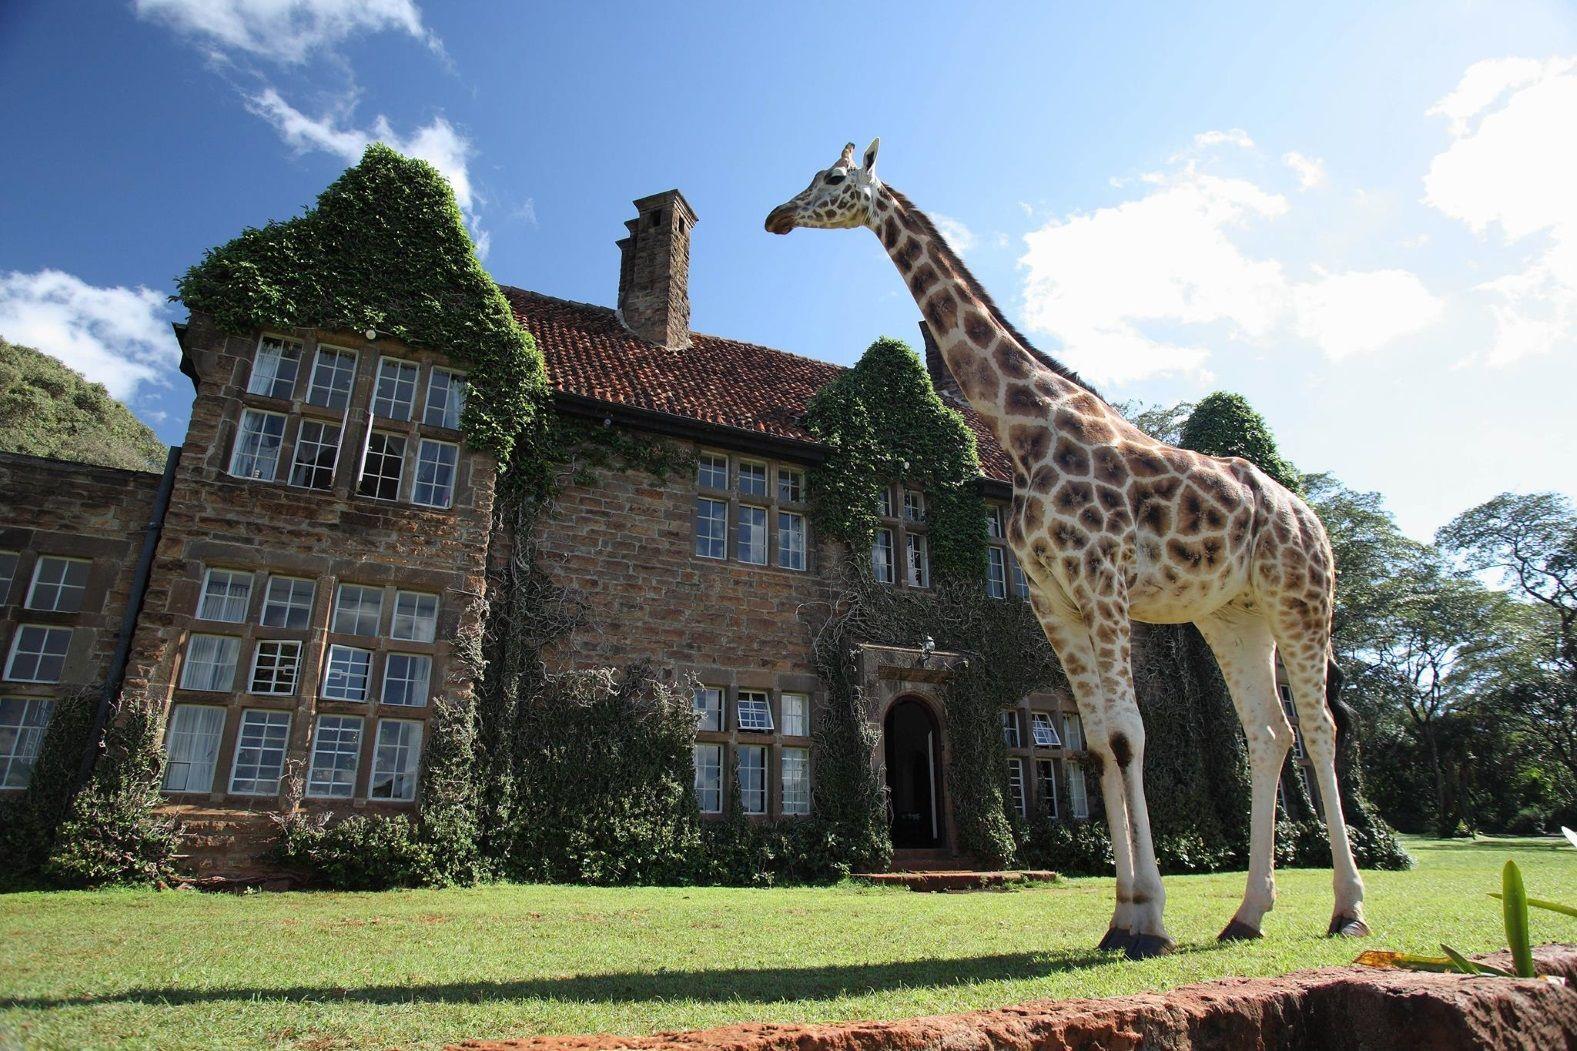 готель Giraffe Manorу Кенії